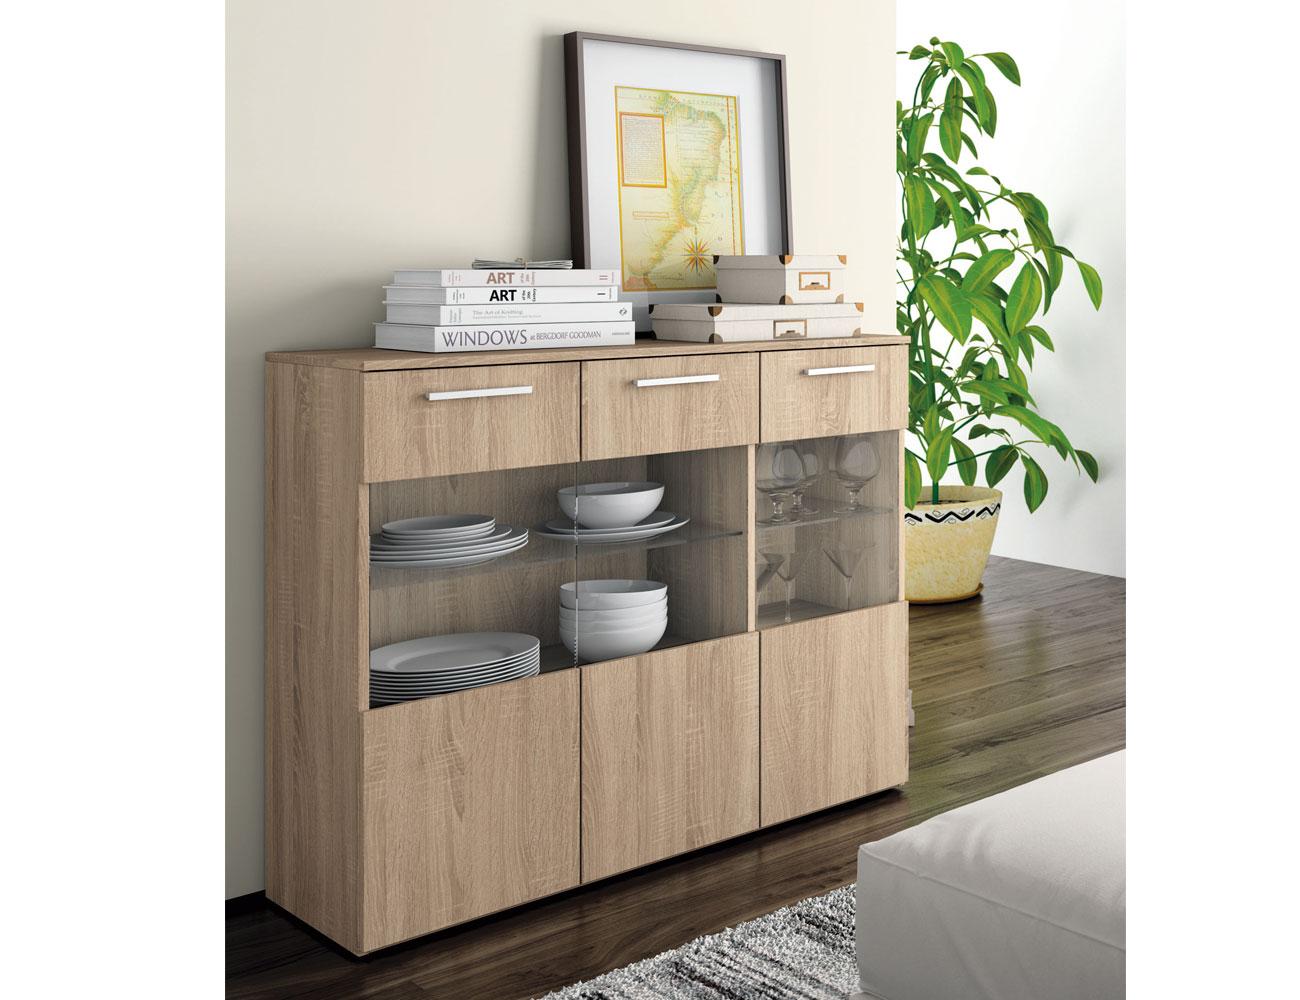 Mueble salon moderno aparador cambrian 4185